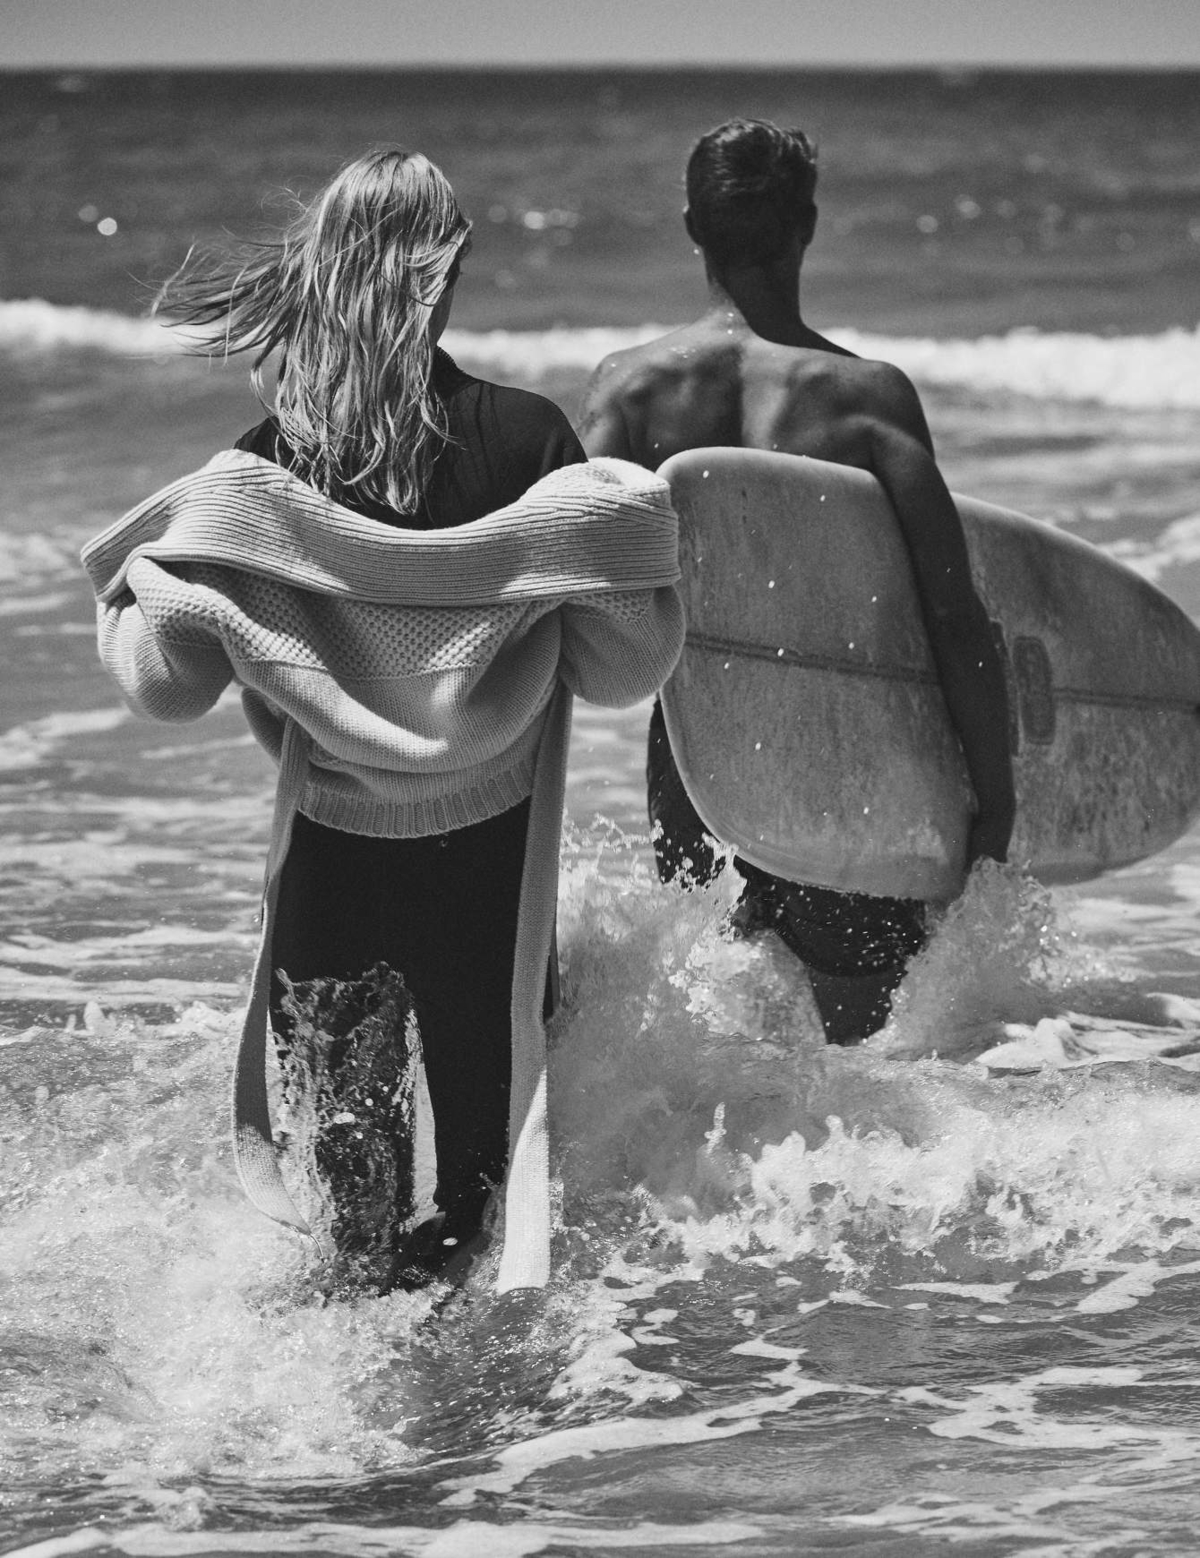 Code promo Vogue : Des pass pour le festival de film de surf et skate à gagner